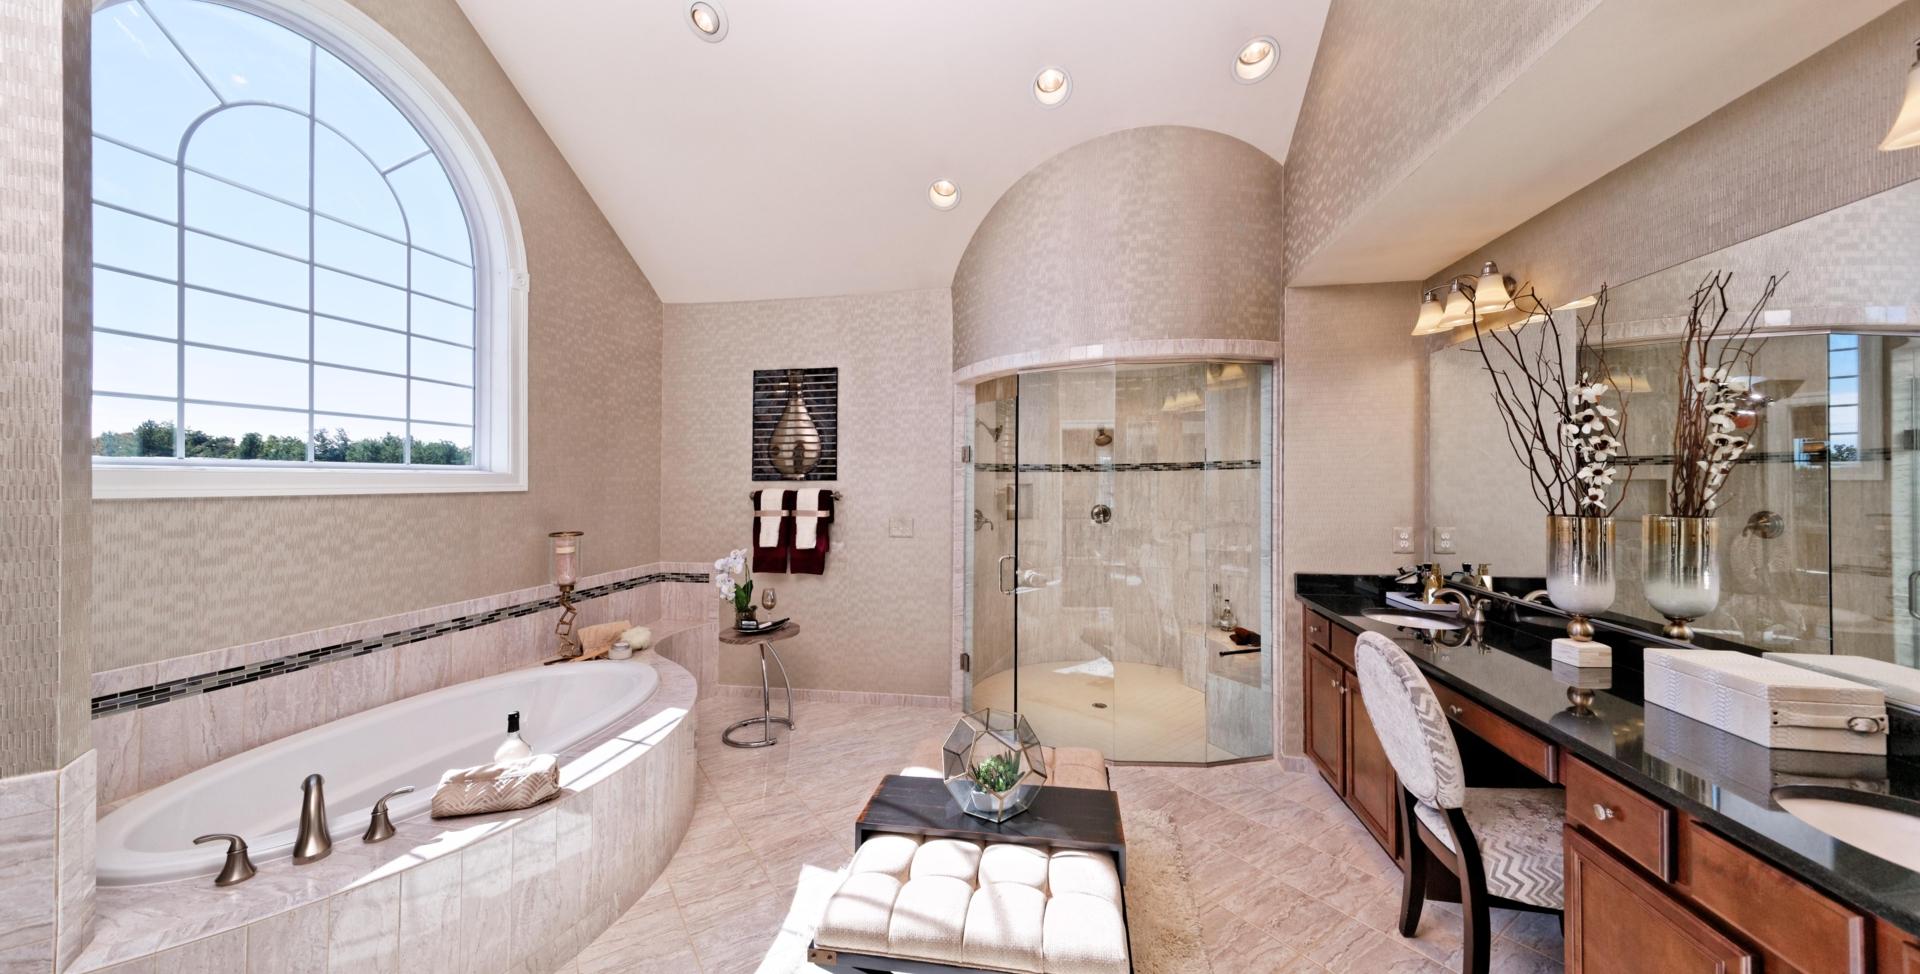 Single family home in md va venezia mid atlantic for Mid atlantic home builders